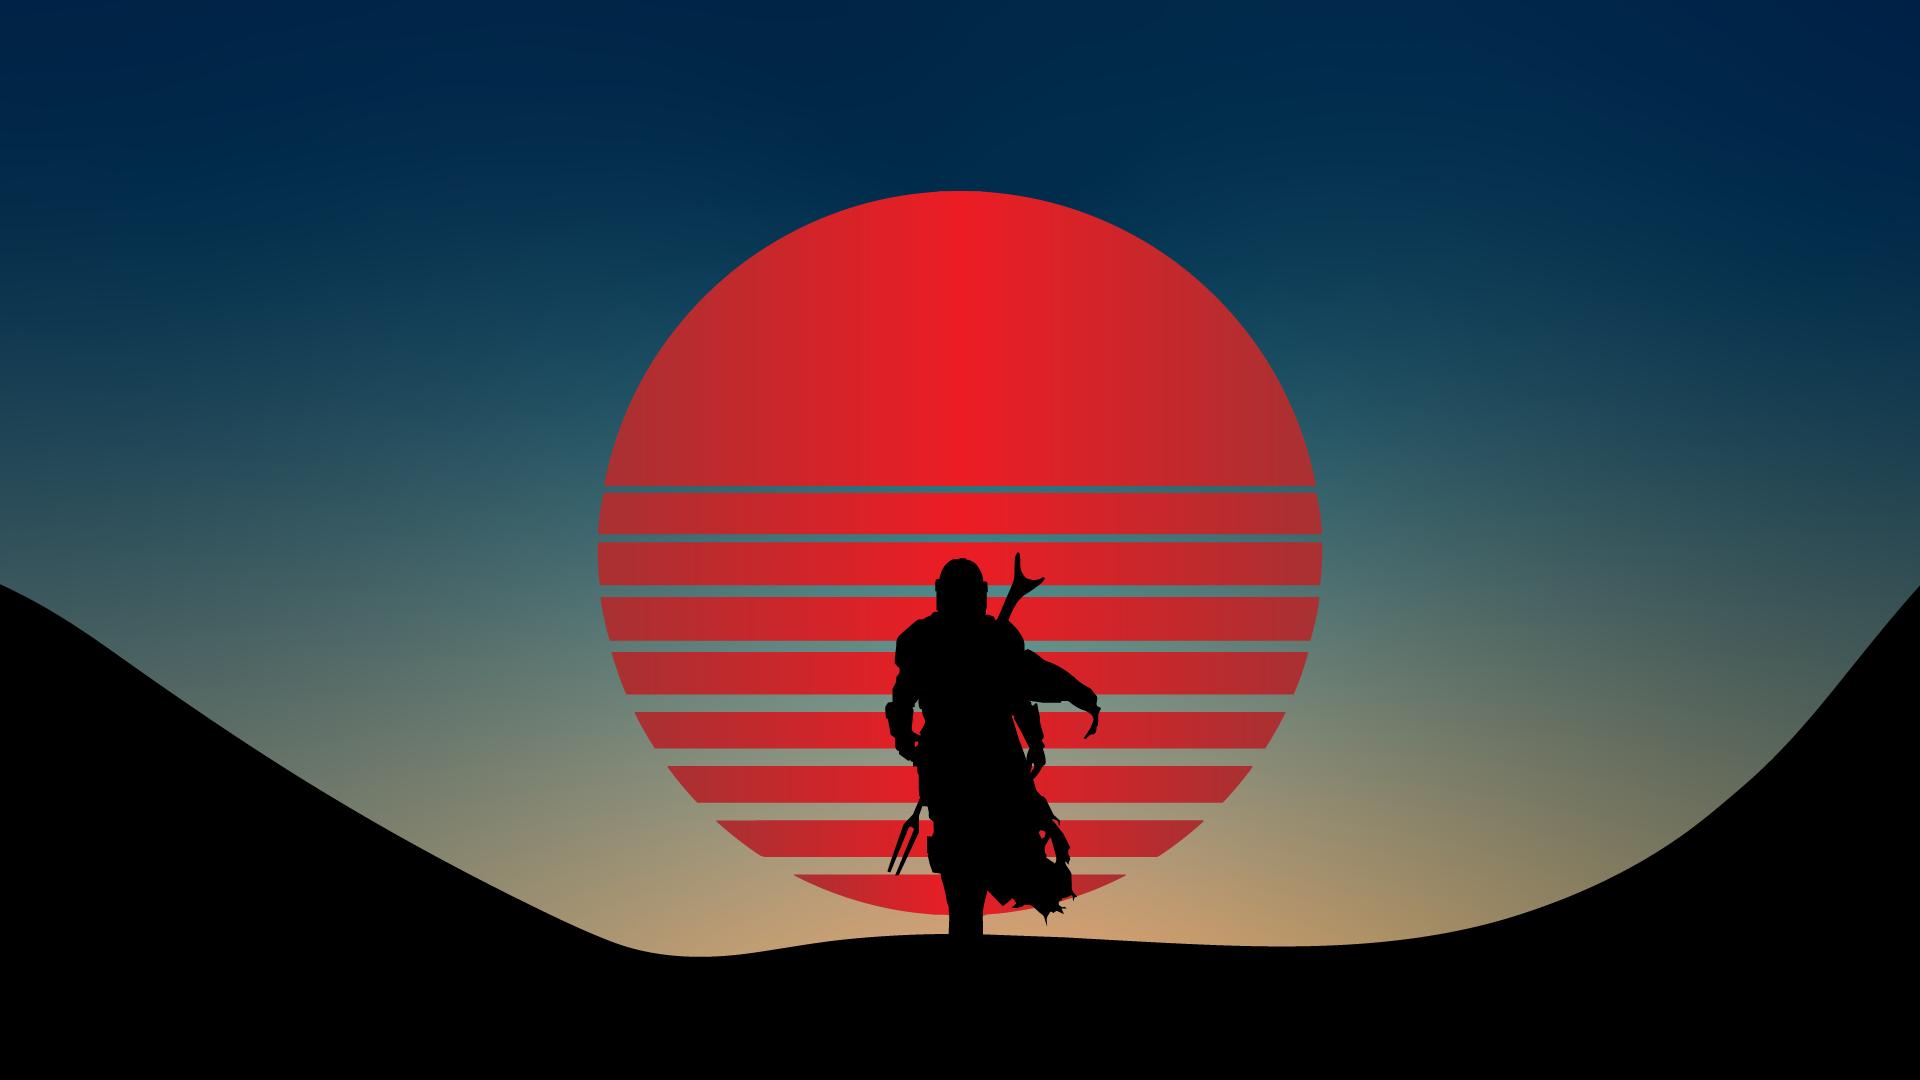 mandalorian season 2 wallpaper